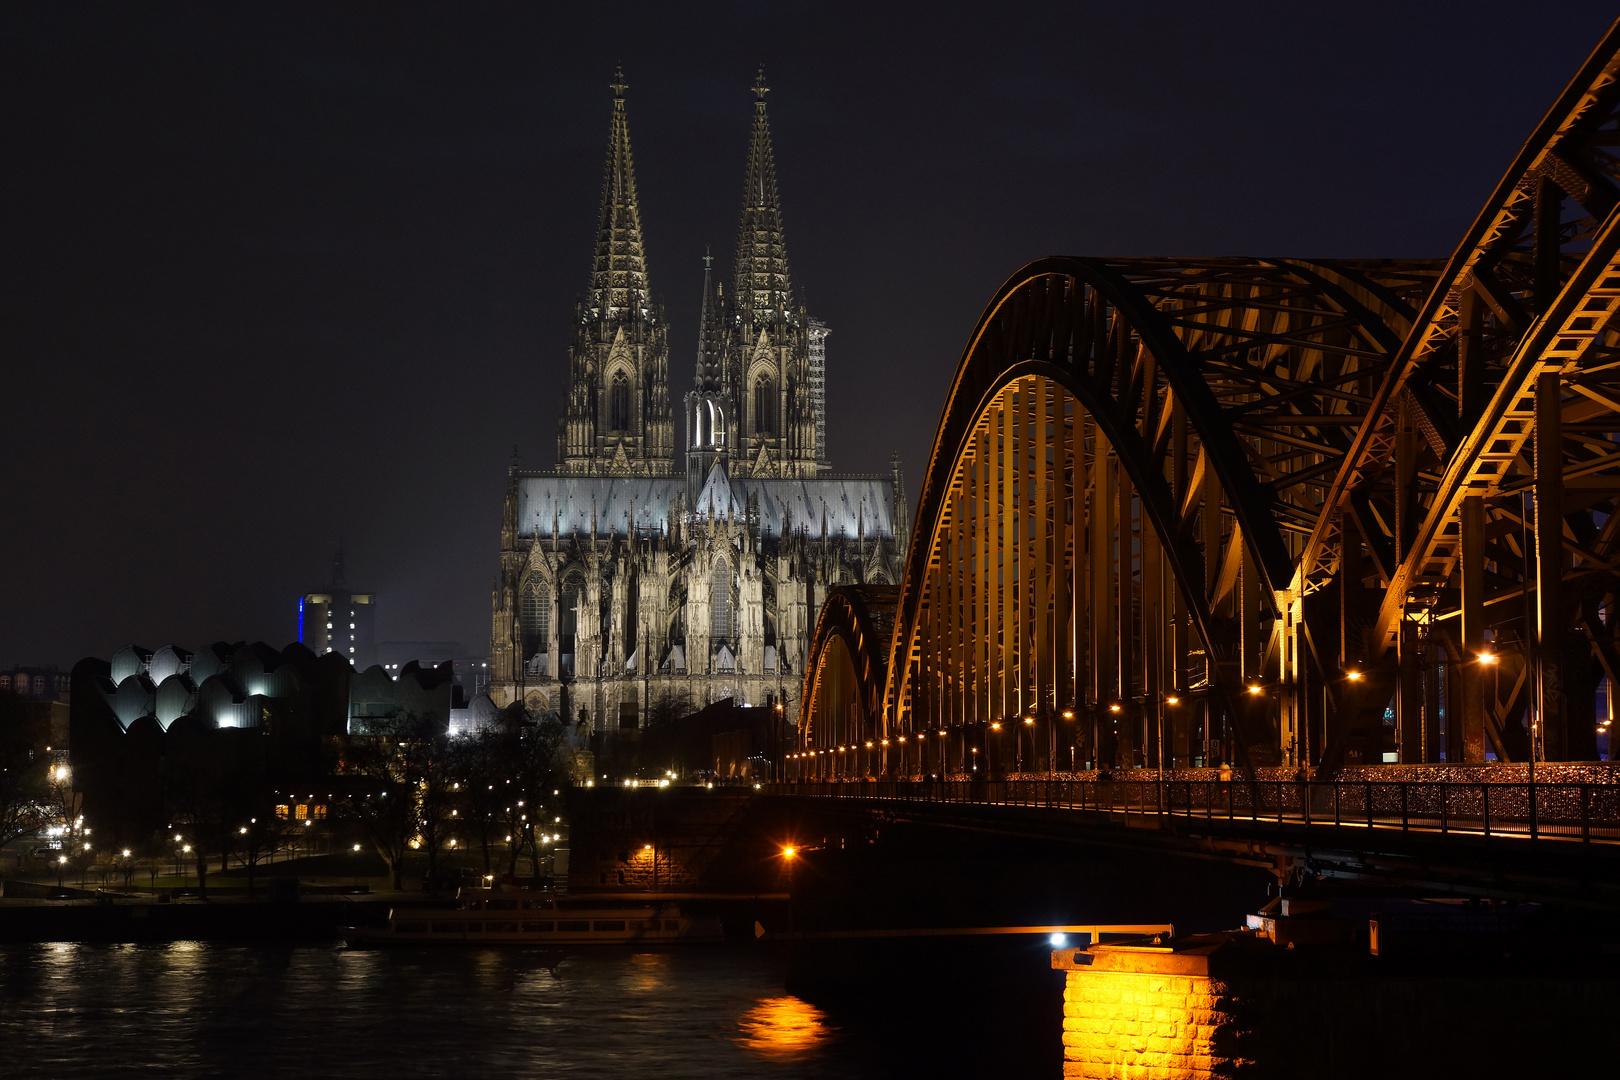 Kolner Dom Von Der Anderen Rheinseite Im Abendhimmel Foto Bild Landschaft Lebensraume Nacht Bilder Auf Fotocommunity